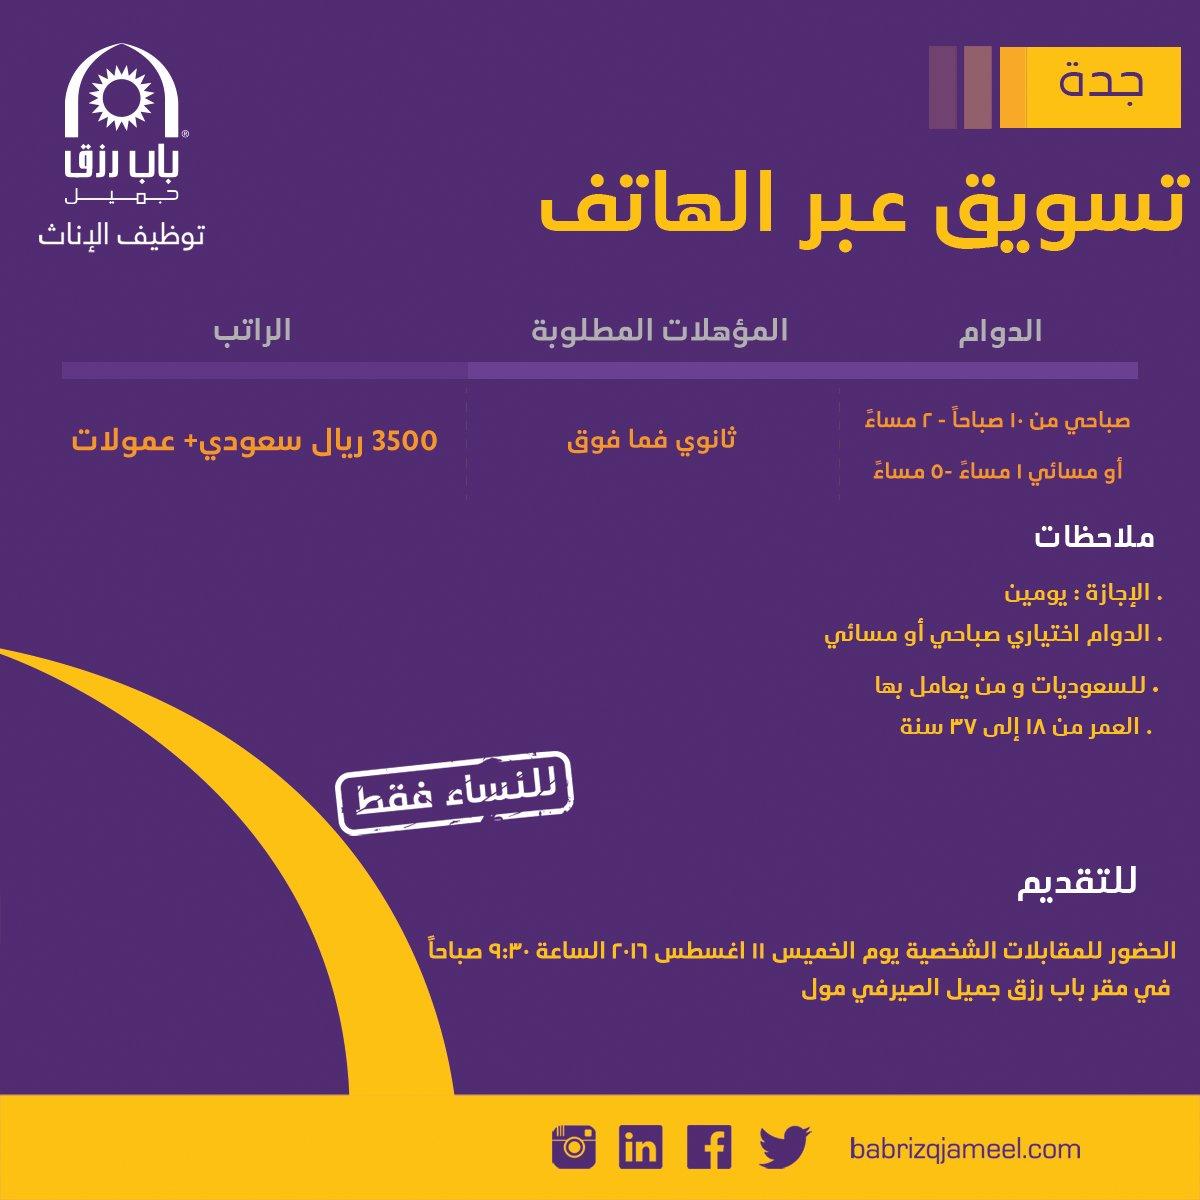 غدا الخميس التقديم على وظيفة تسويق عبر الهاتف للنساء - جدة